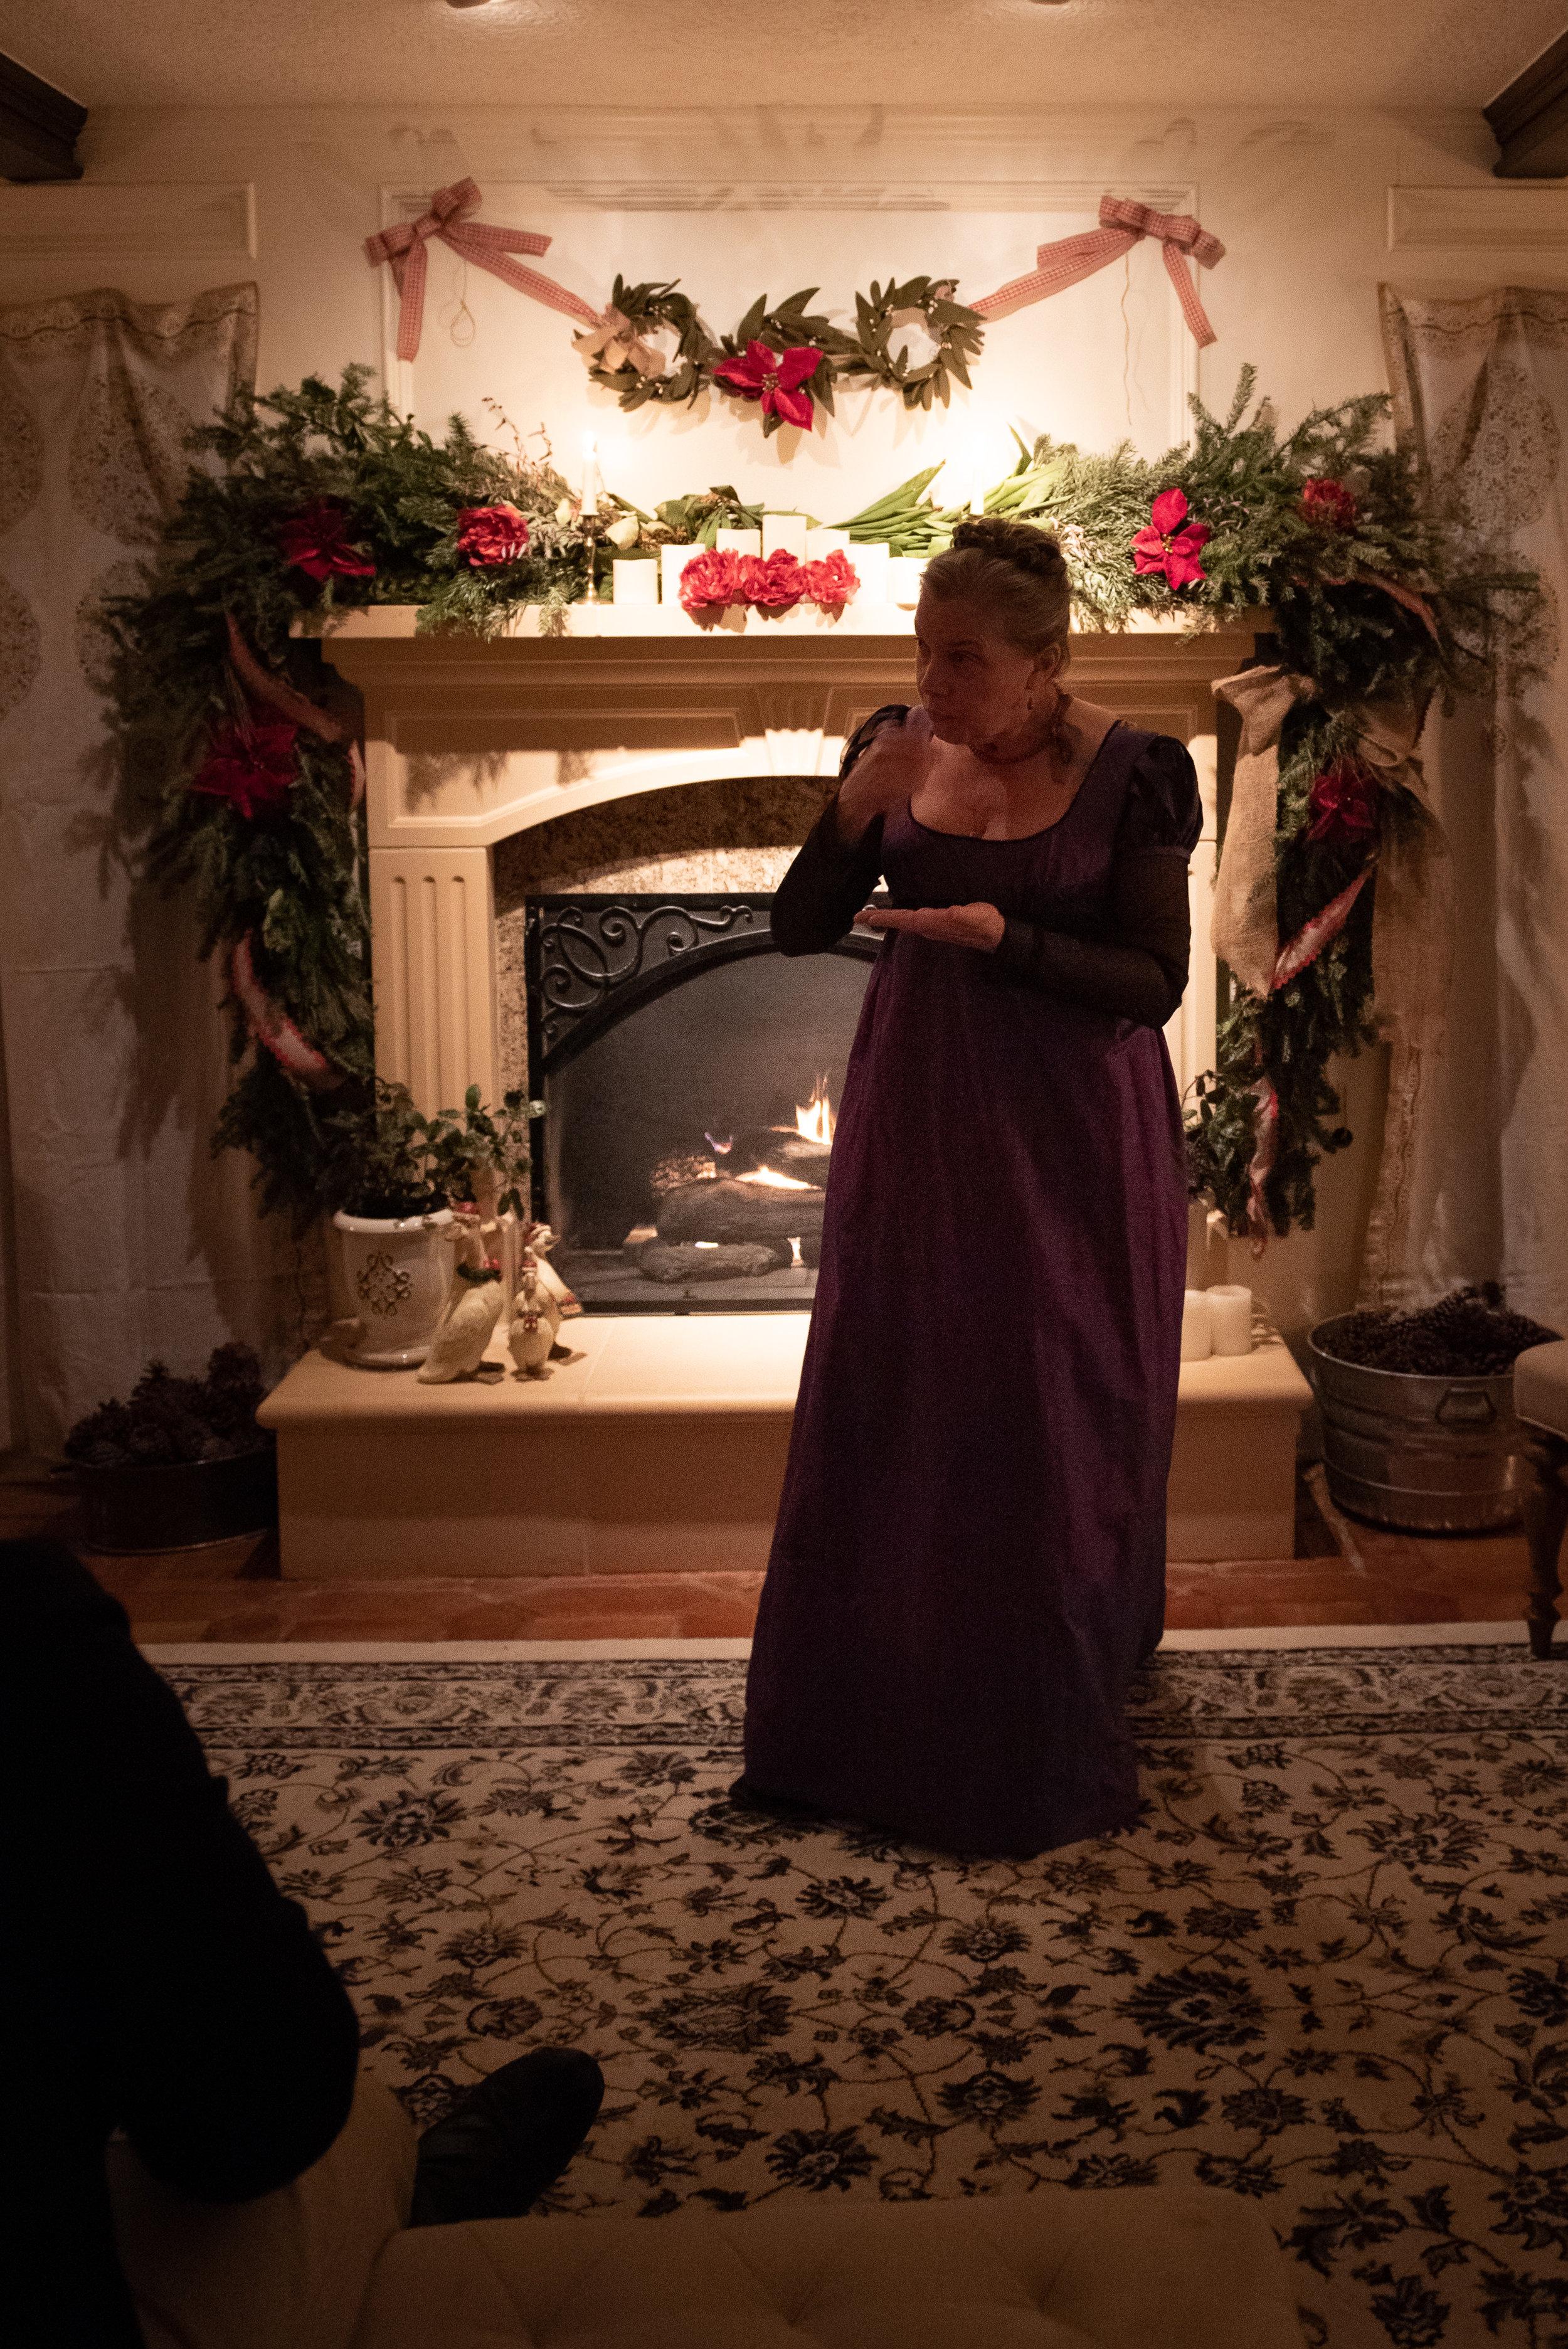 12th night Regency Jane Austen party 2018 HARS14.jpg